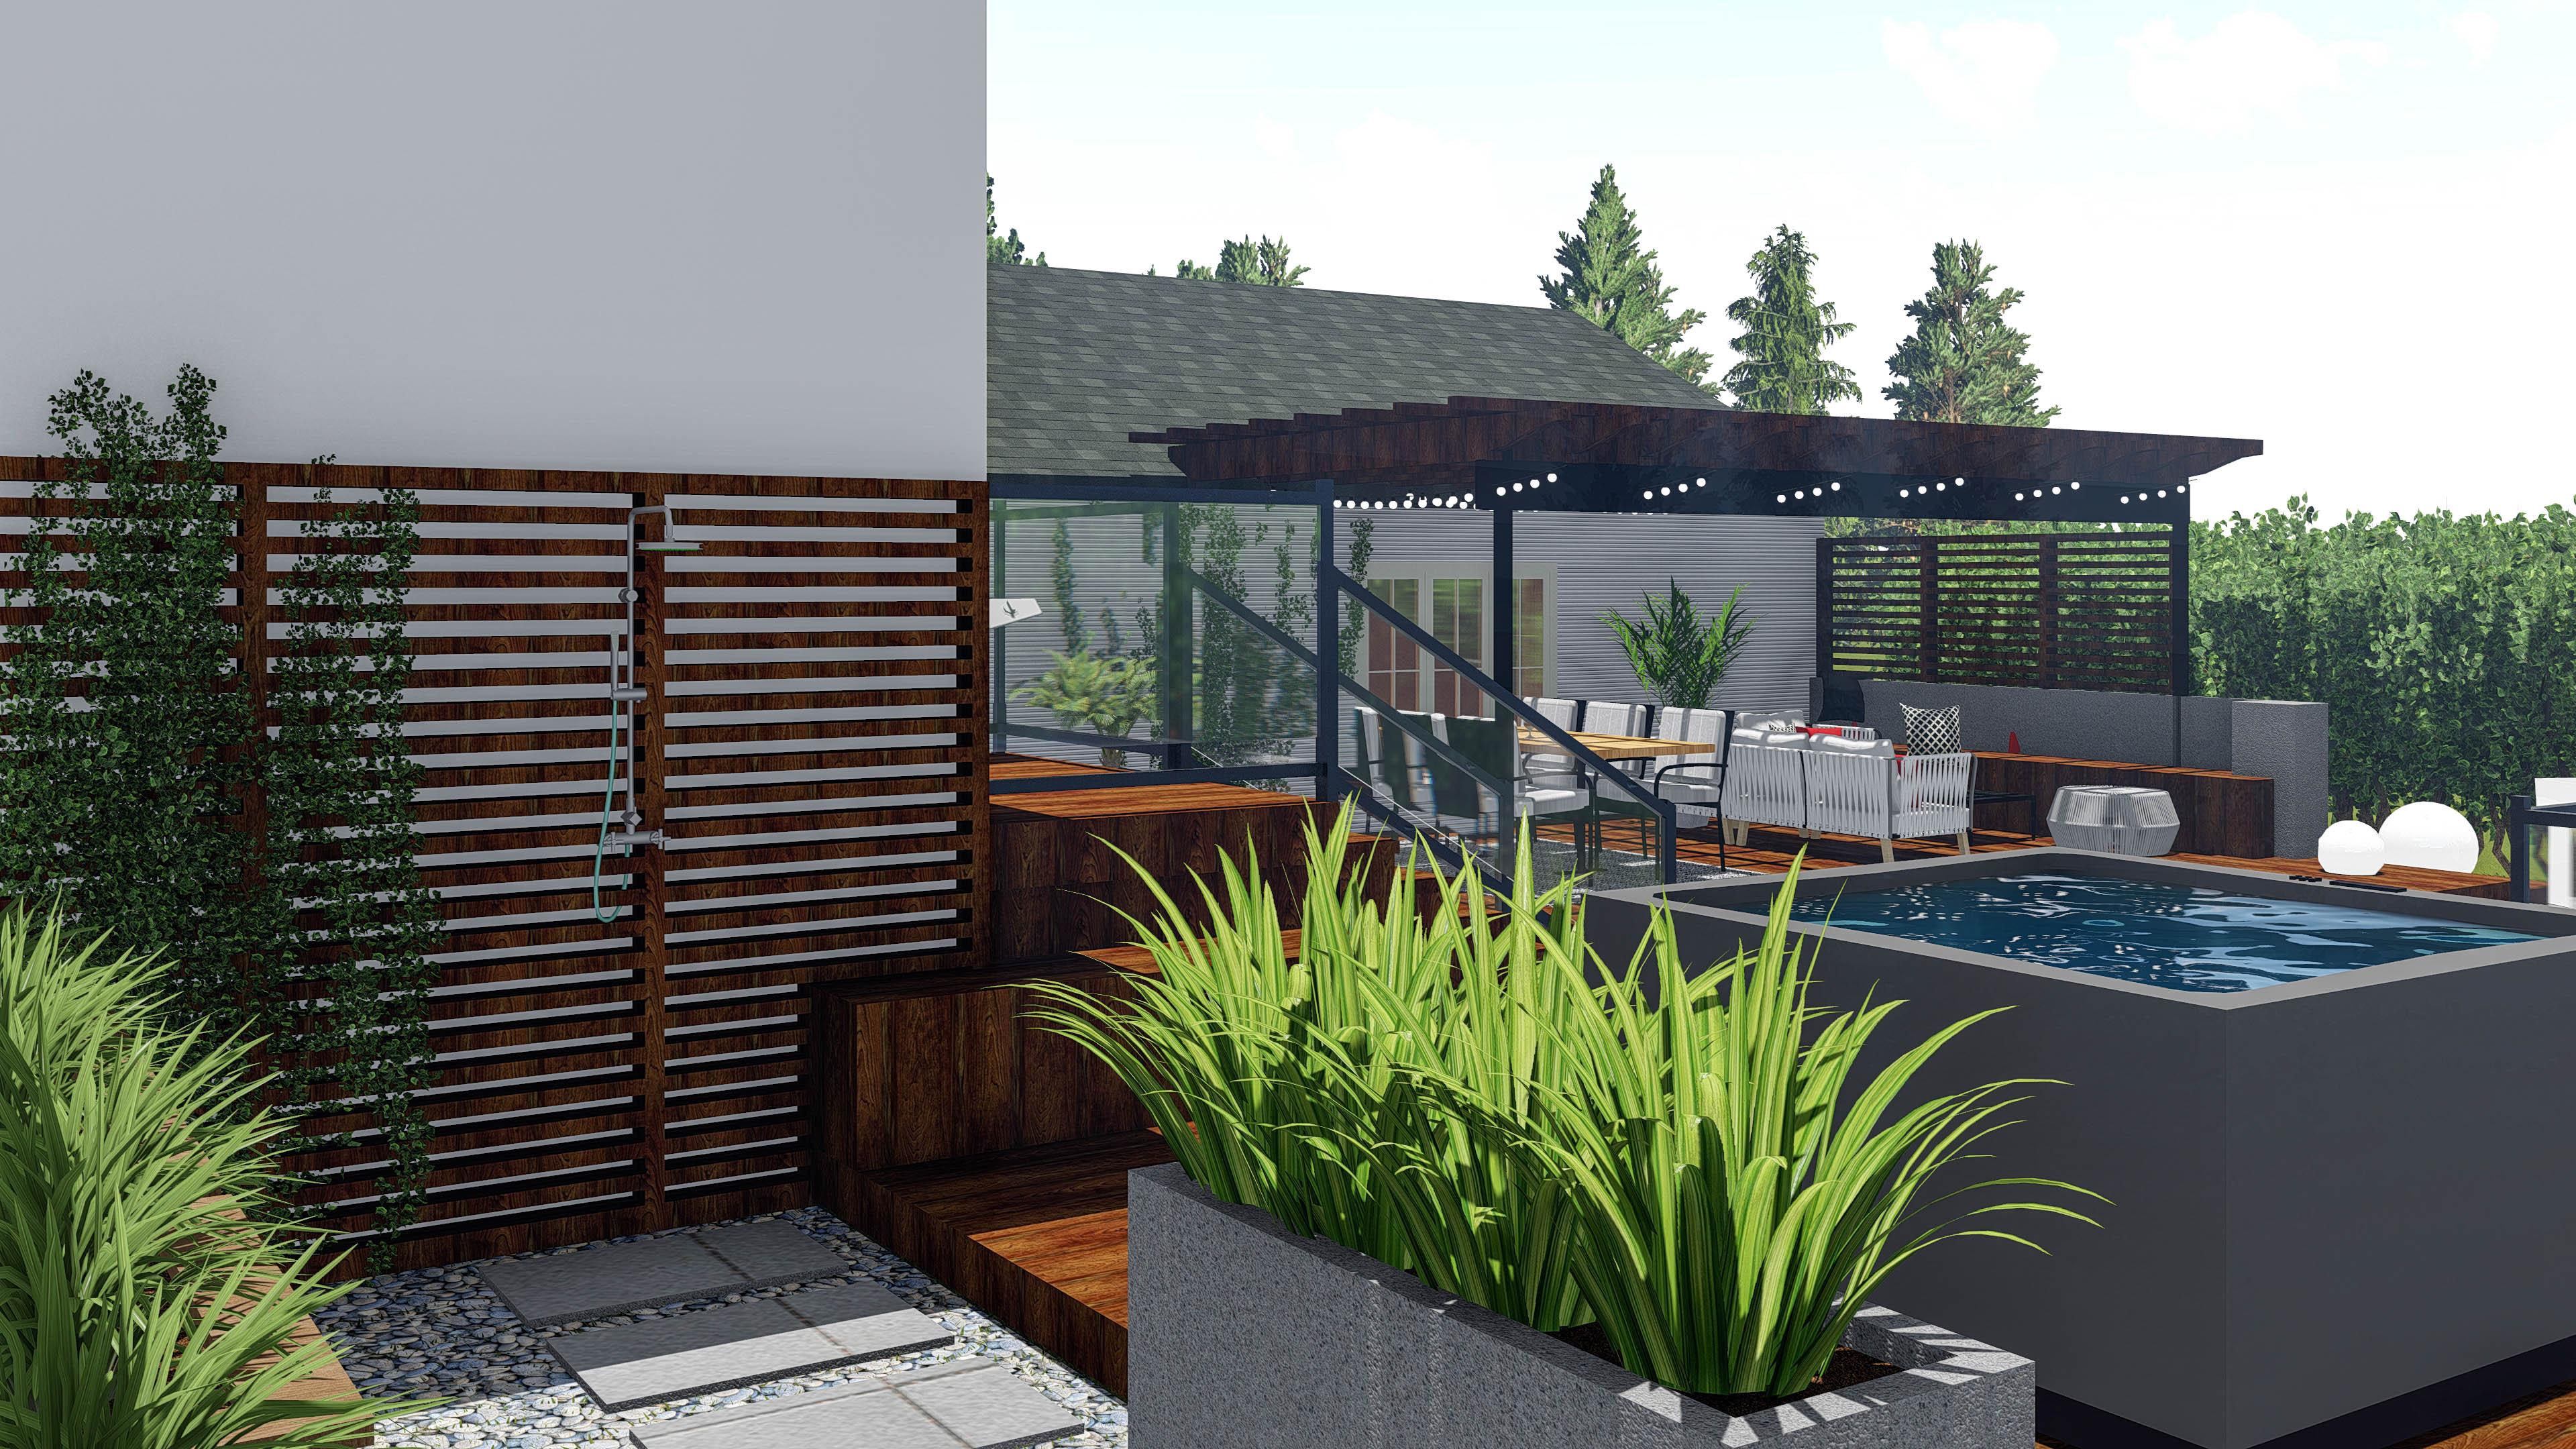 Réalisation La belle saison douche design extérieur Struktura 2021